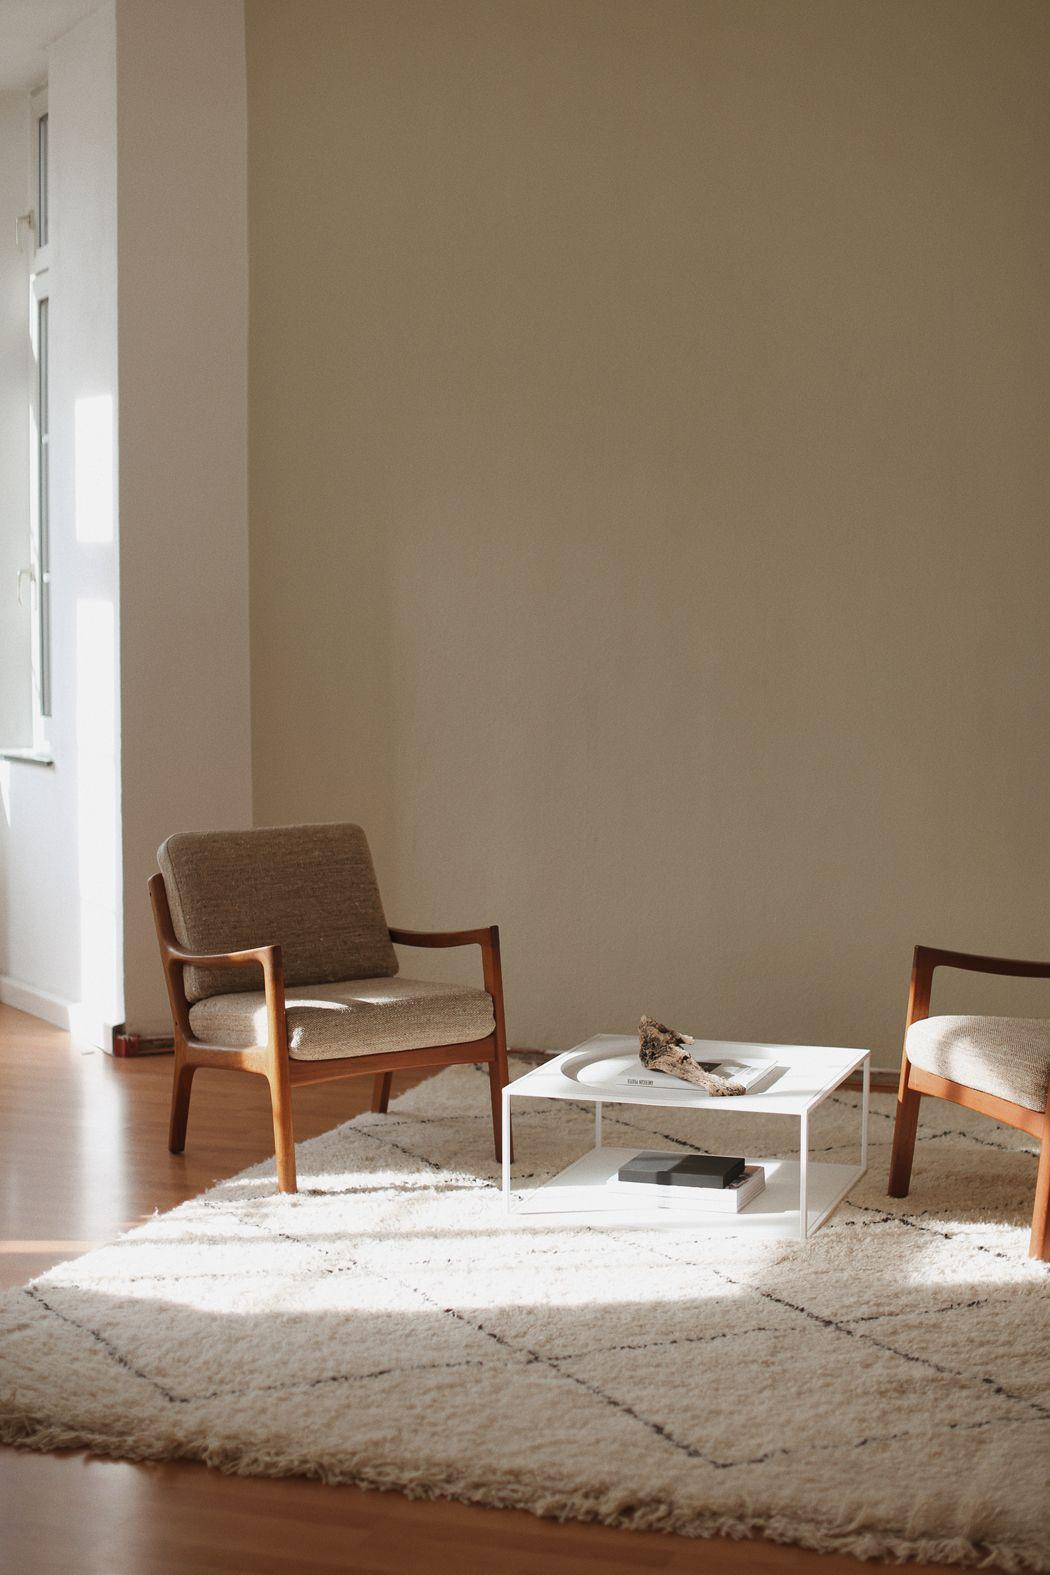 Home Story A Living Room Update With Caparol Icons Minimalistische Wohnzimmer Beige Wohnzimmer Wohnzimmer Design